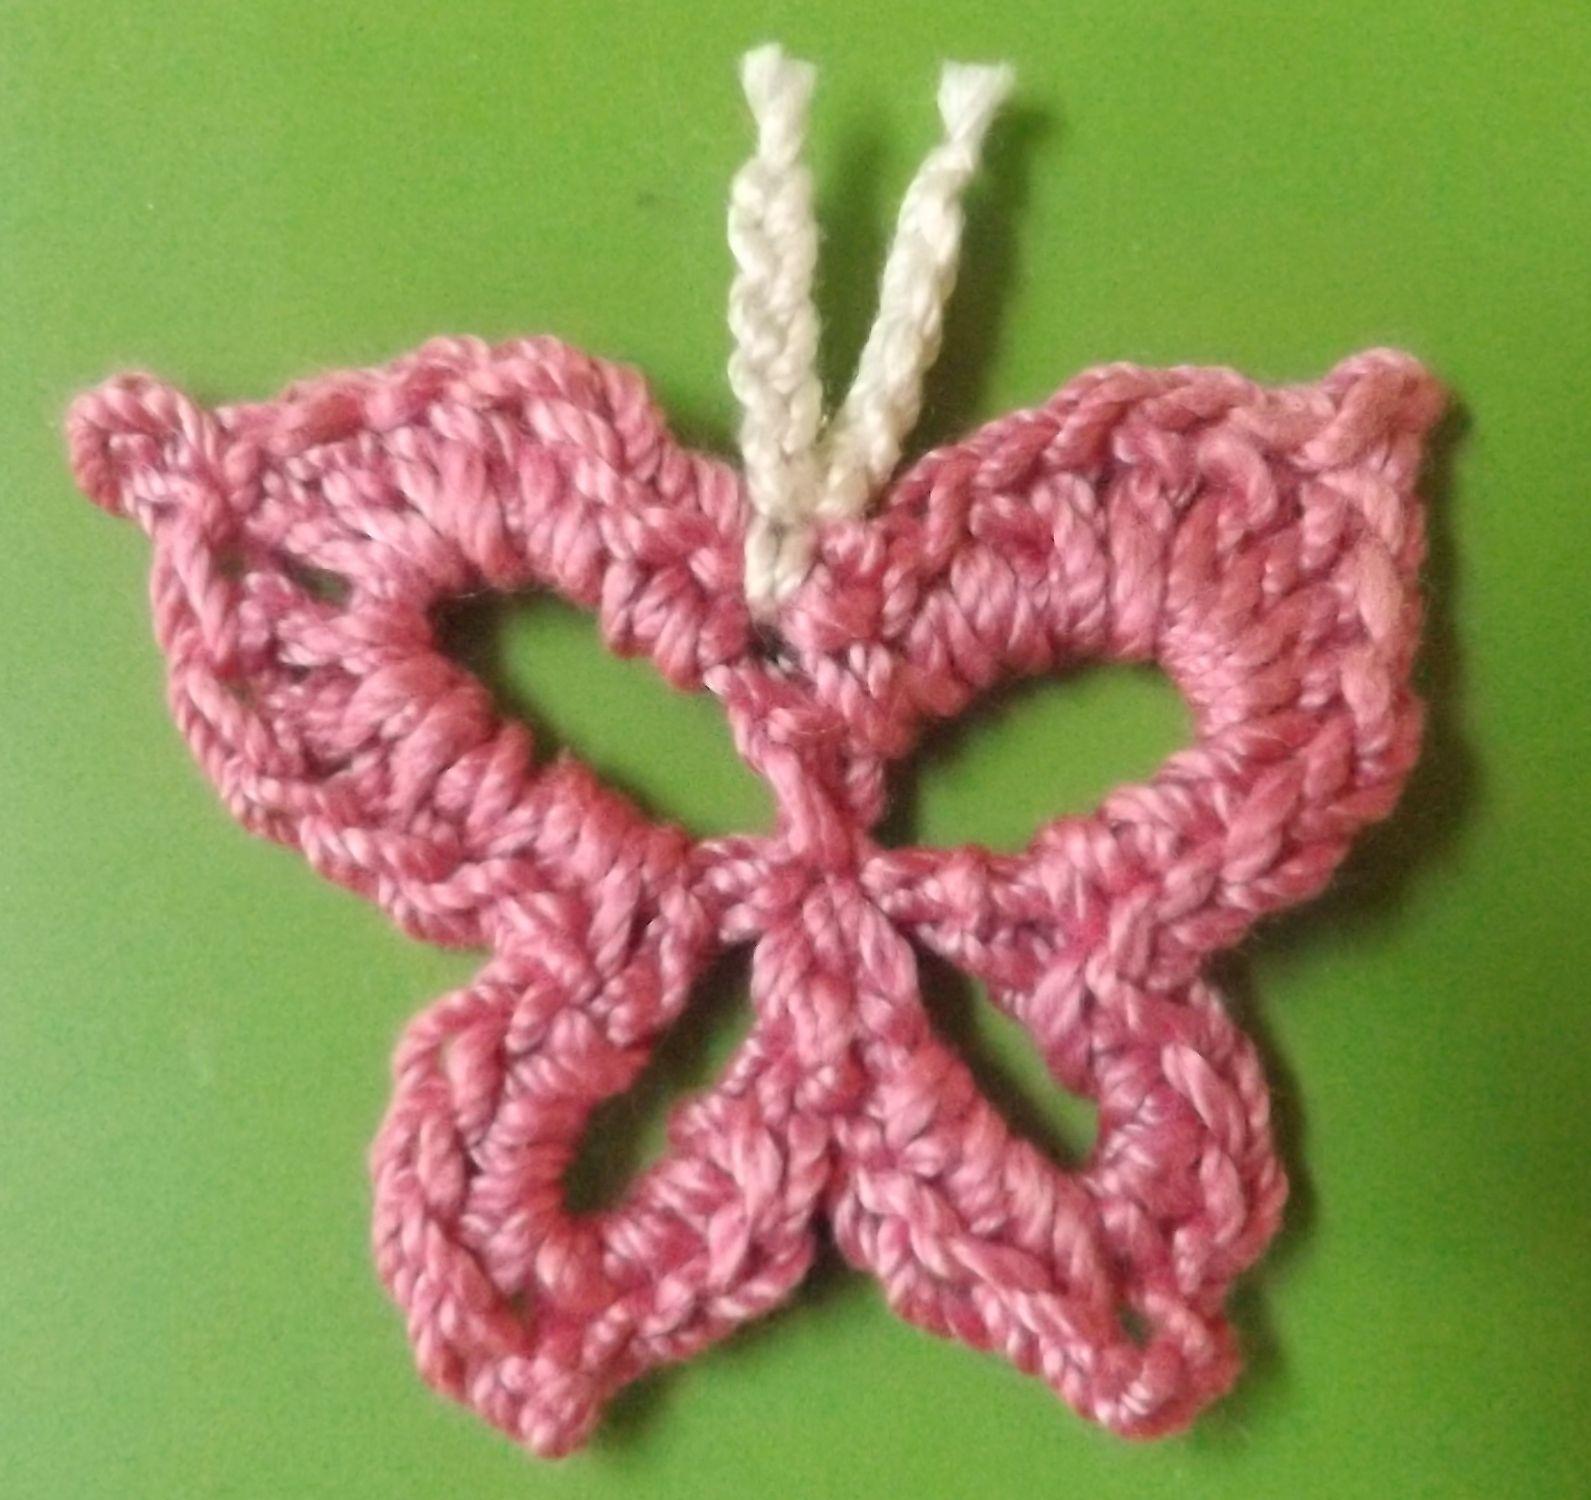 Butterfly I - Crochet Applique / Motif / Garland